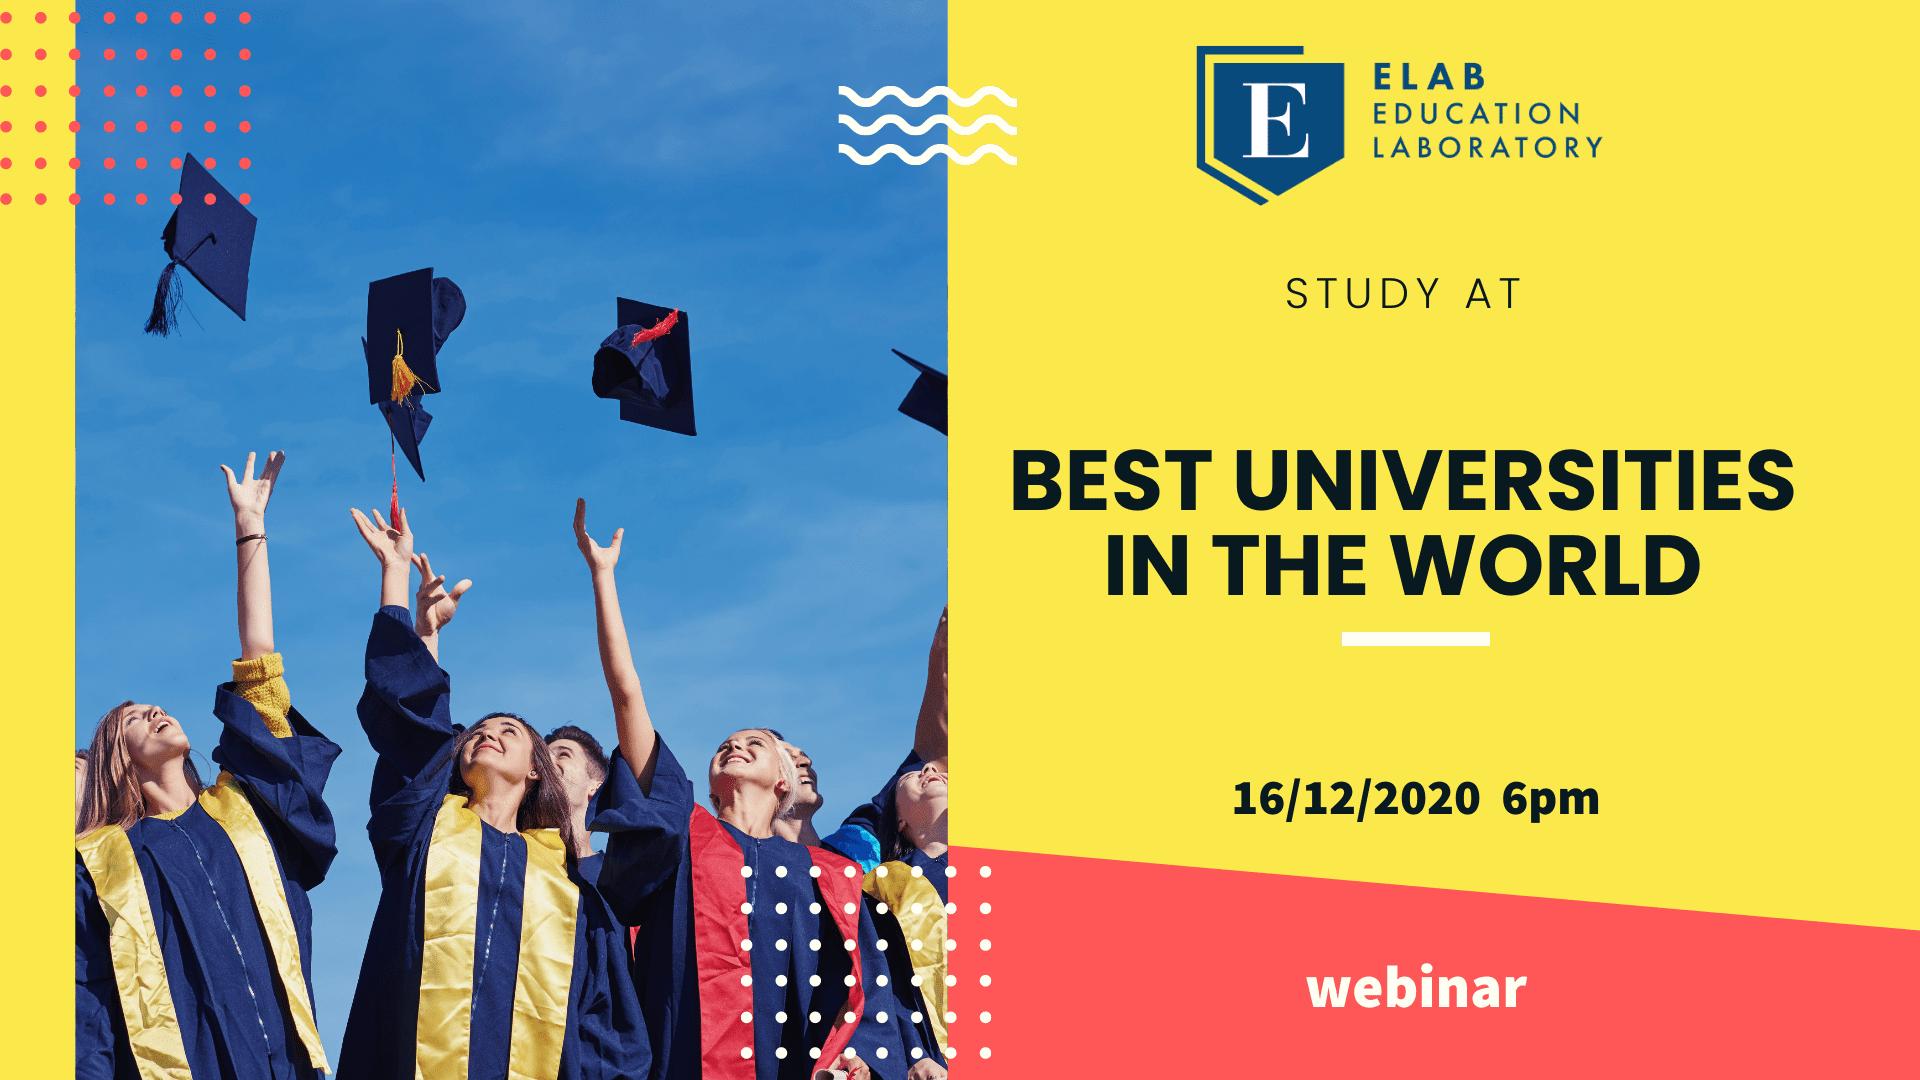 best universities webinar